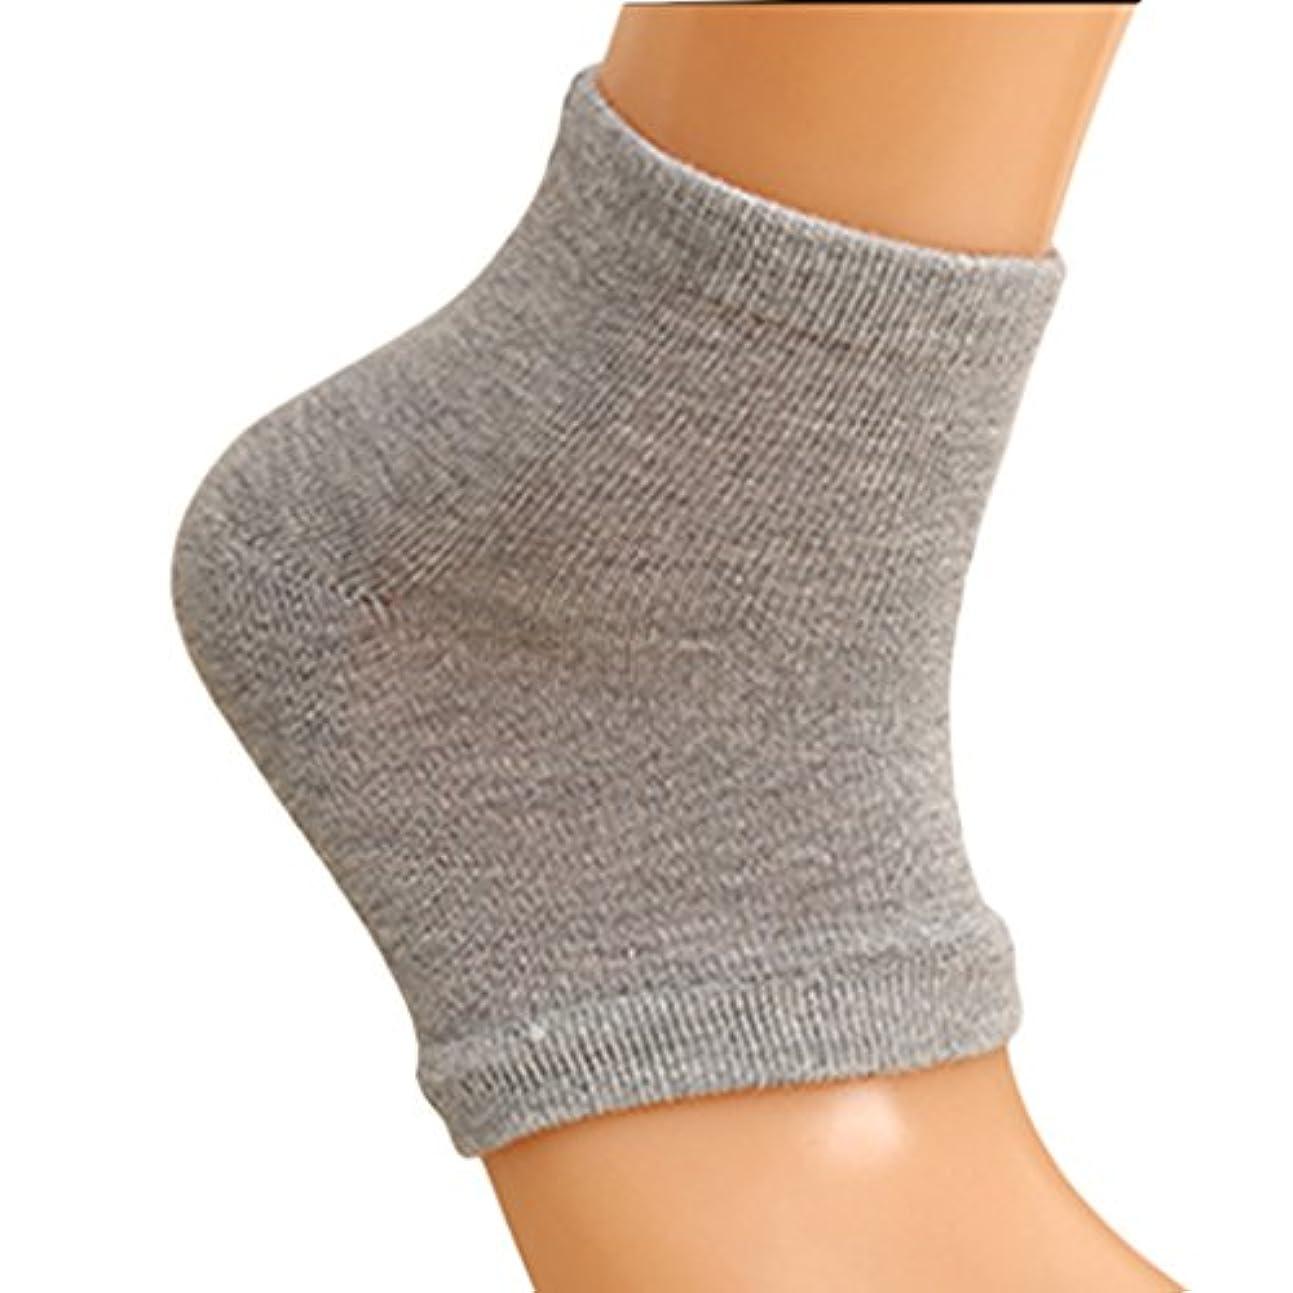 文房具鬼ごっこ理想的Seliyi 2色組 靴下 ソックス レディース メンズ 靴下 つるつる 靴下 フットケア かかとケア ひび 角質ケア 保湿 角質除去(ピンク+グレー)